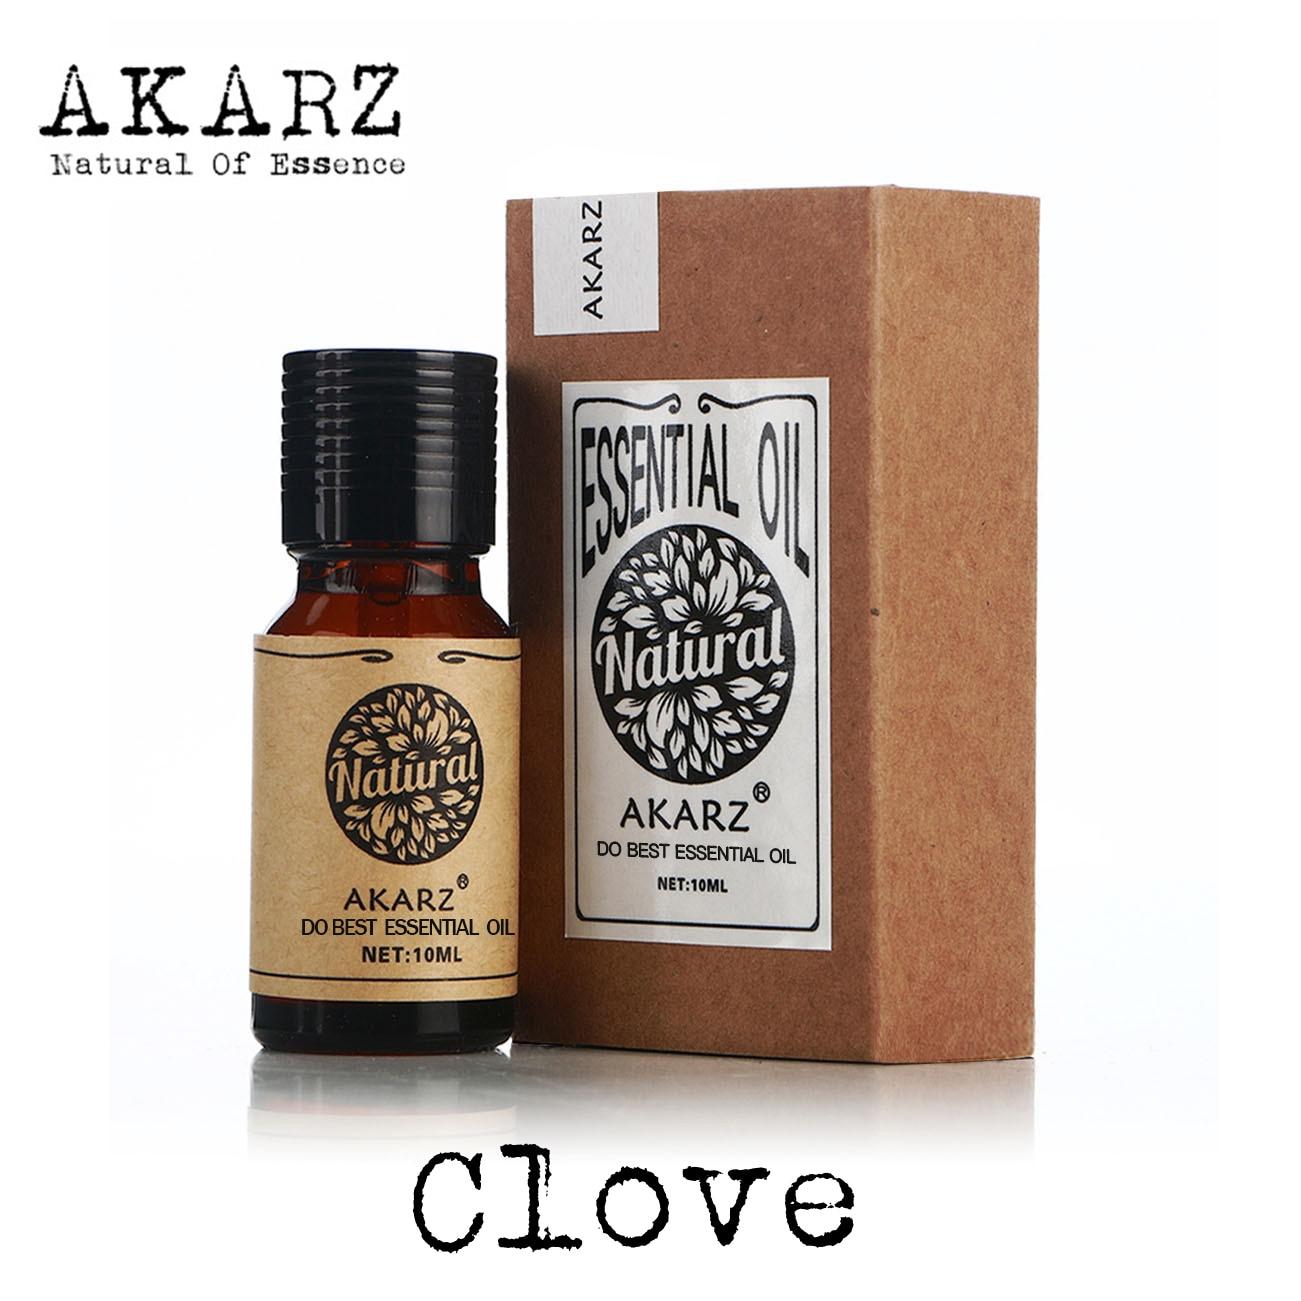 Goździkowy olejek eteryczny AKARZ znane marki naturalne oleje kosmetyki świeca mydło zapachy dokonywanie DIY zapach surowiec olejek goździkowy